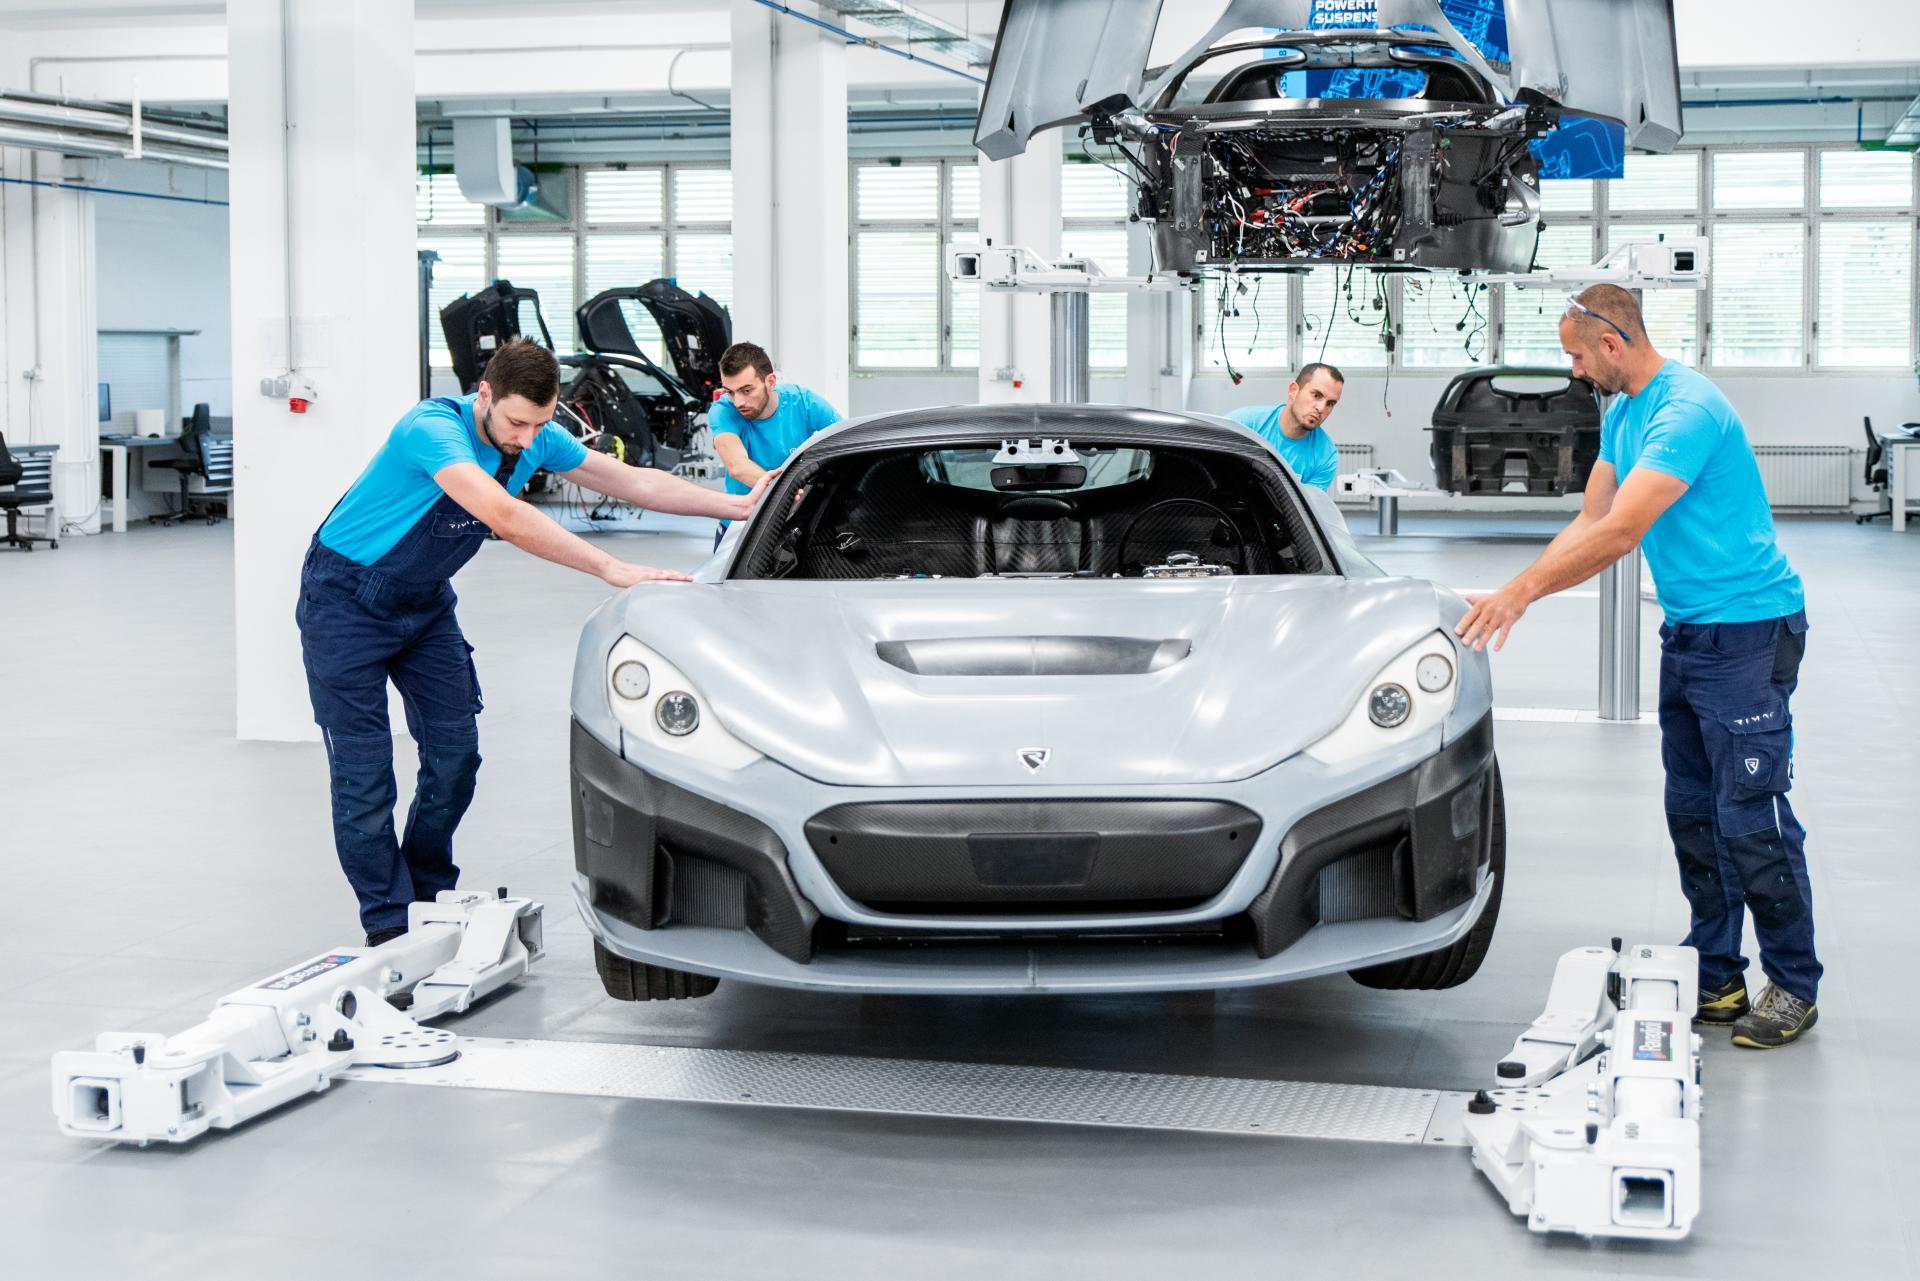 Rimac erklimmt die nächste Stufe der Hypercar C_Two-Serienproduktion